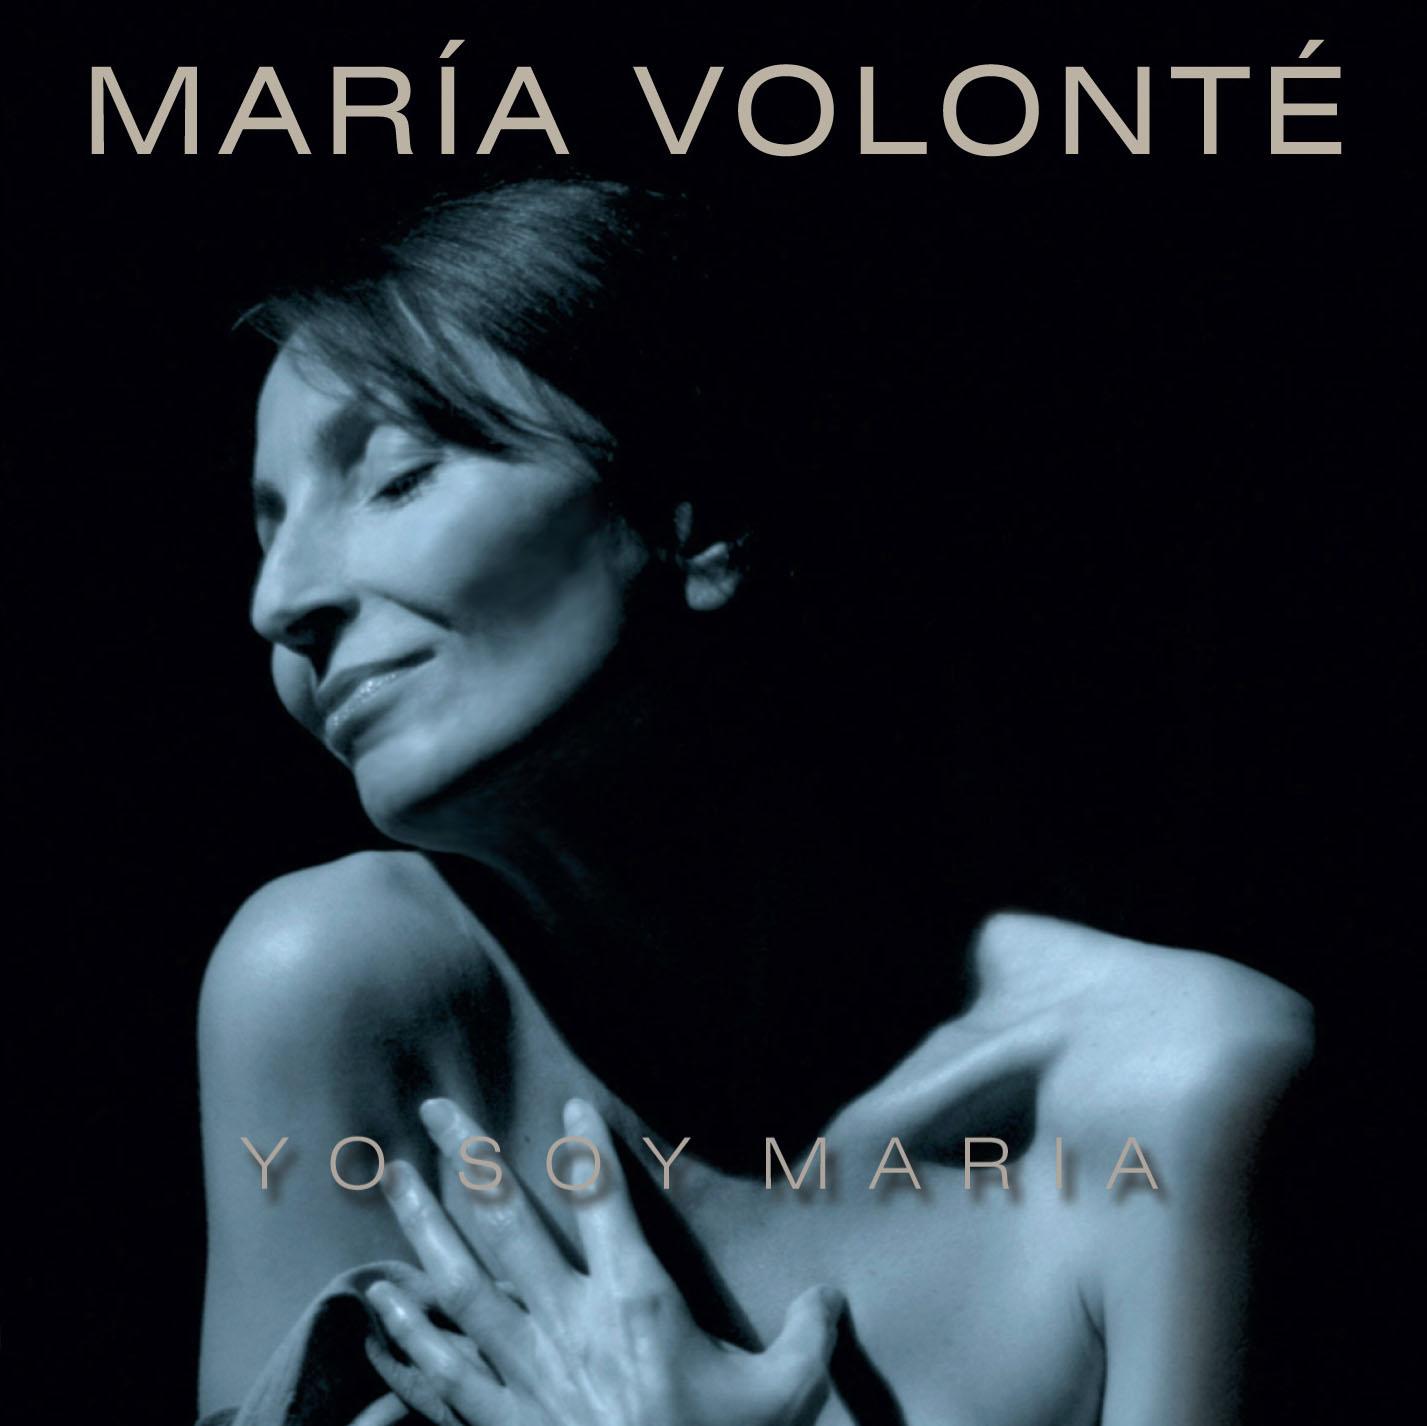 Maria Volonte - Yo soy Maria